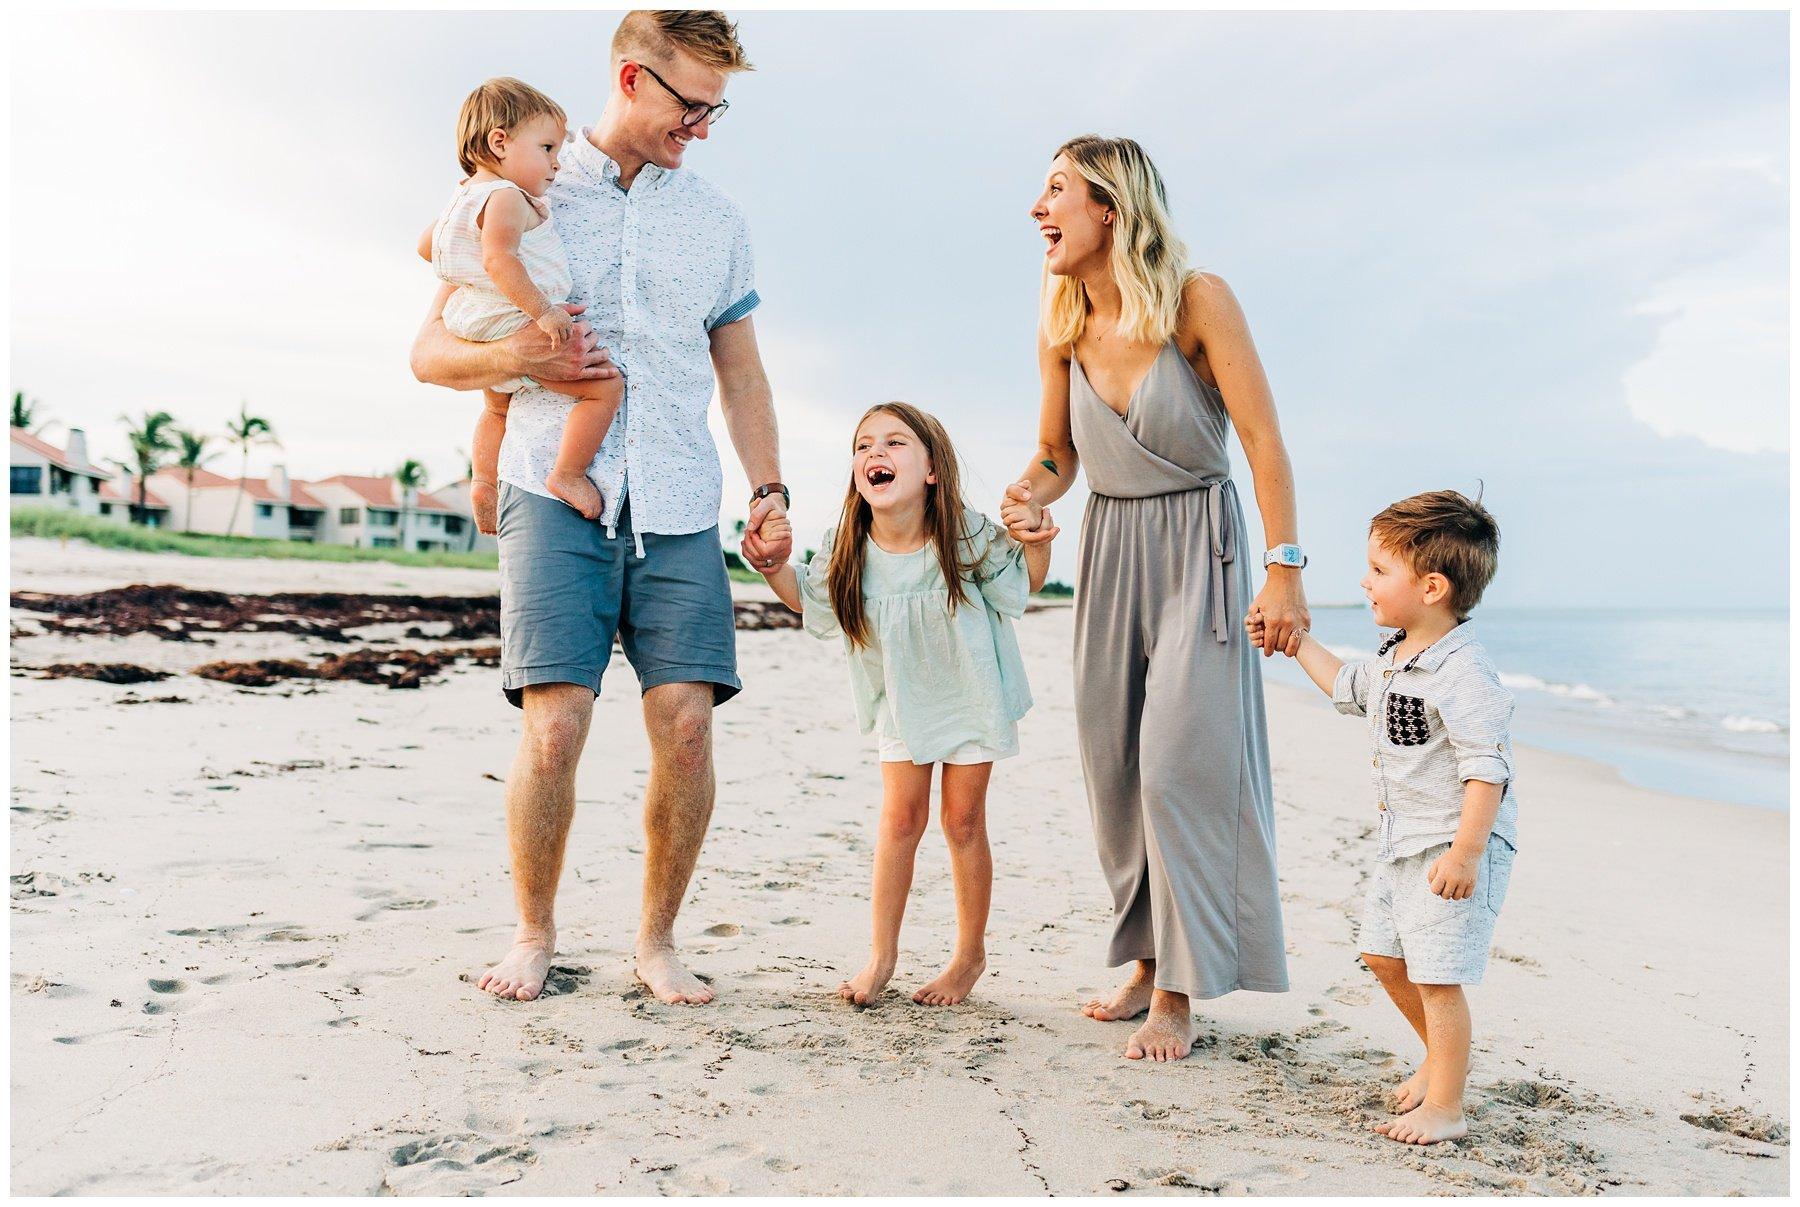 Family Photography in Boynton Beach, Florida